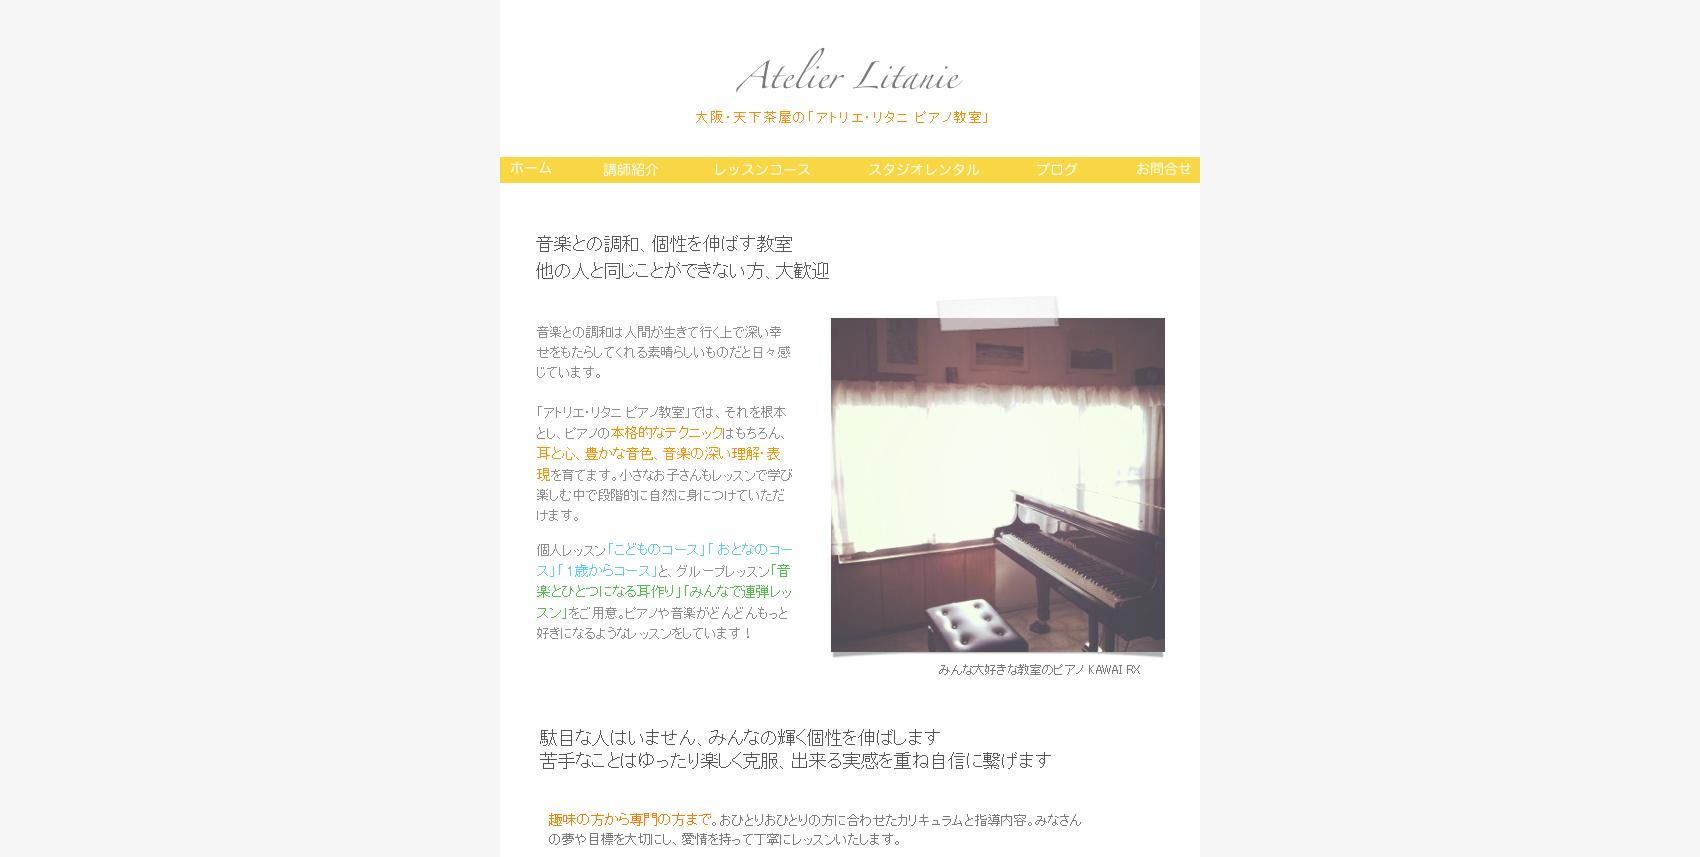 アトリエ・リタニ ピアノ教室のサムネイル